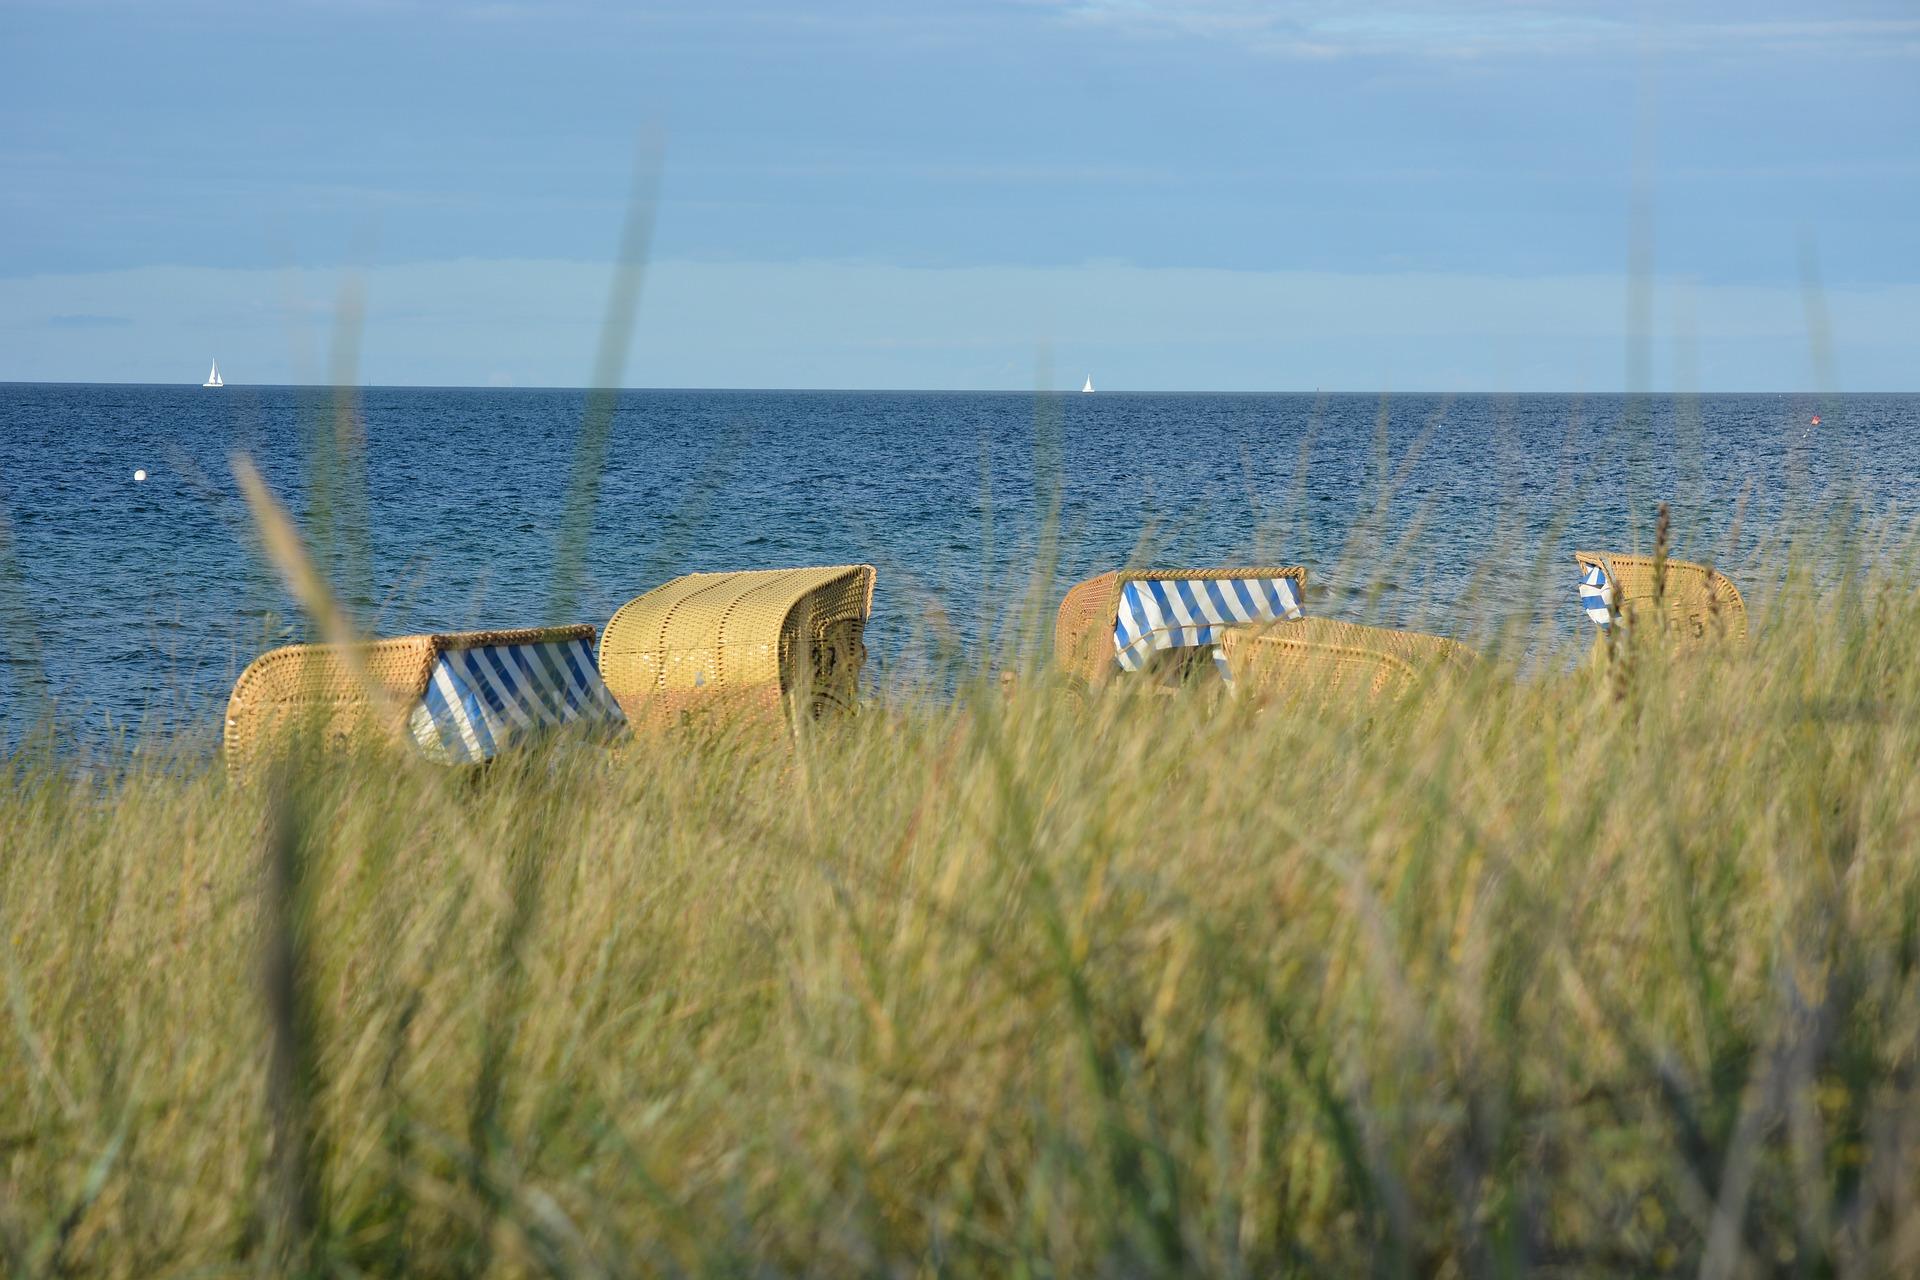 Dünen im Vordergrund, im Hintergrund einige Strandkörbe und das blaue Meer.